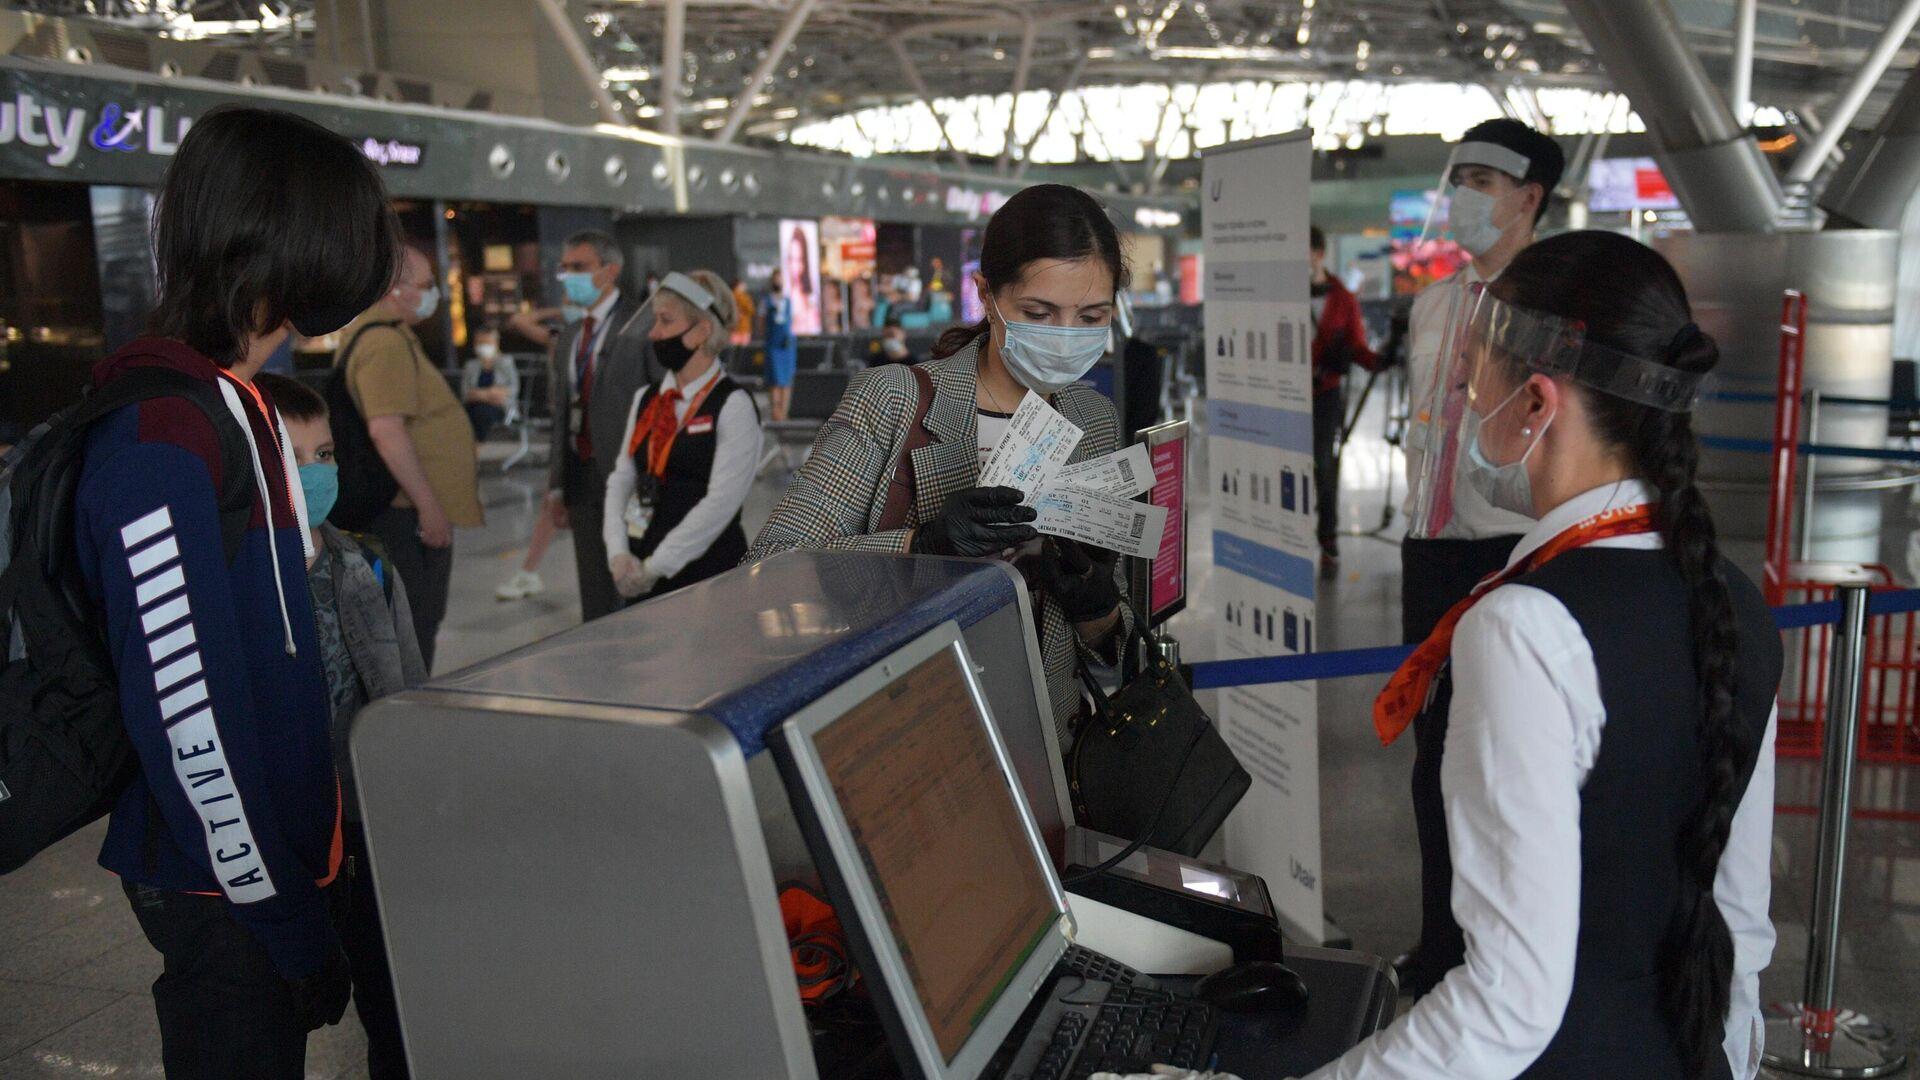 Пассажиры проходят паспортный контроль в международном аэропорту Внуково  - РИА Новости, 1920, 10.12.2020